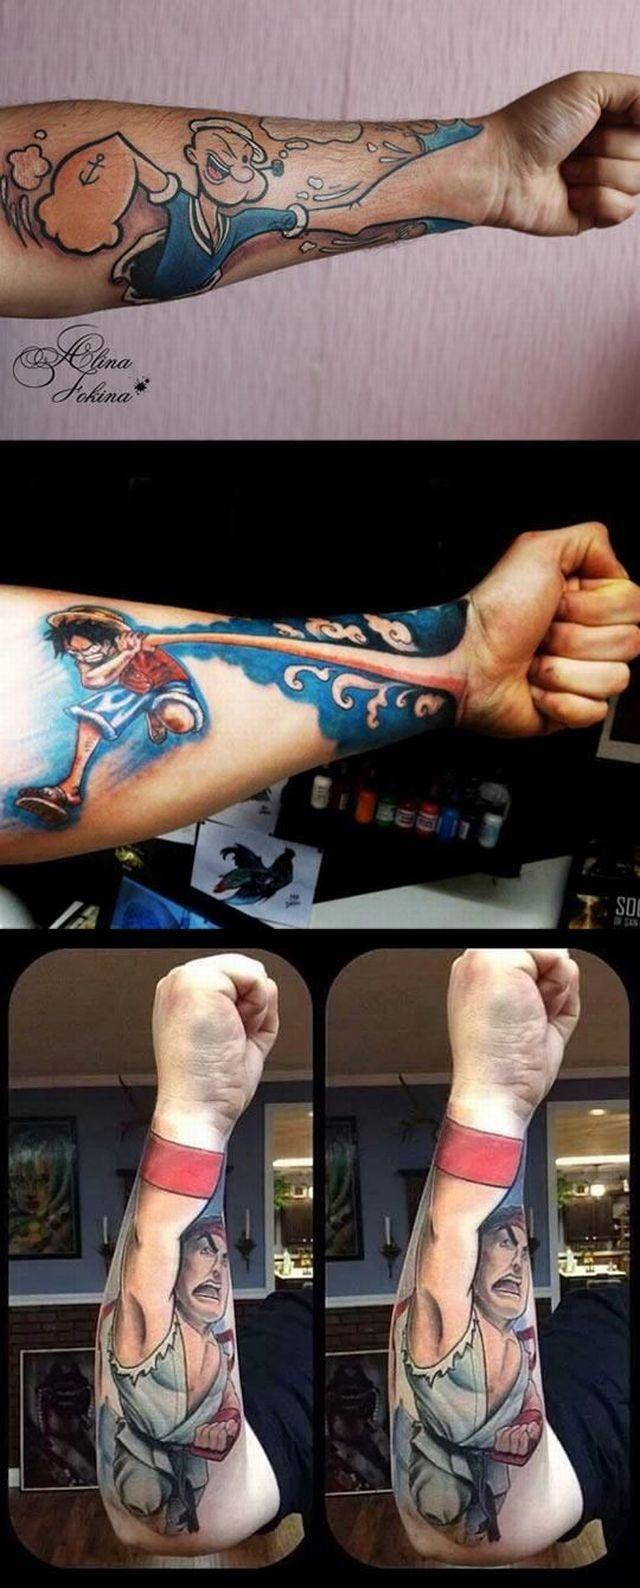 このタトゥーが凄い!